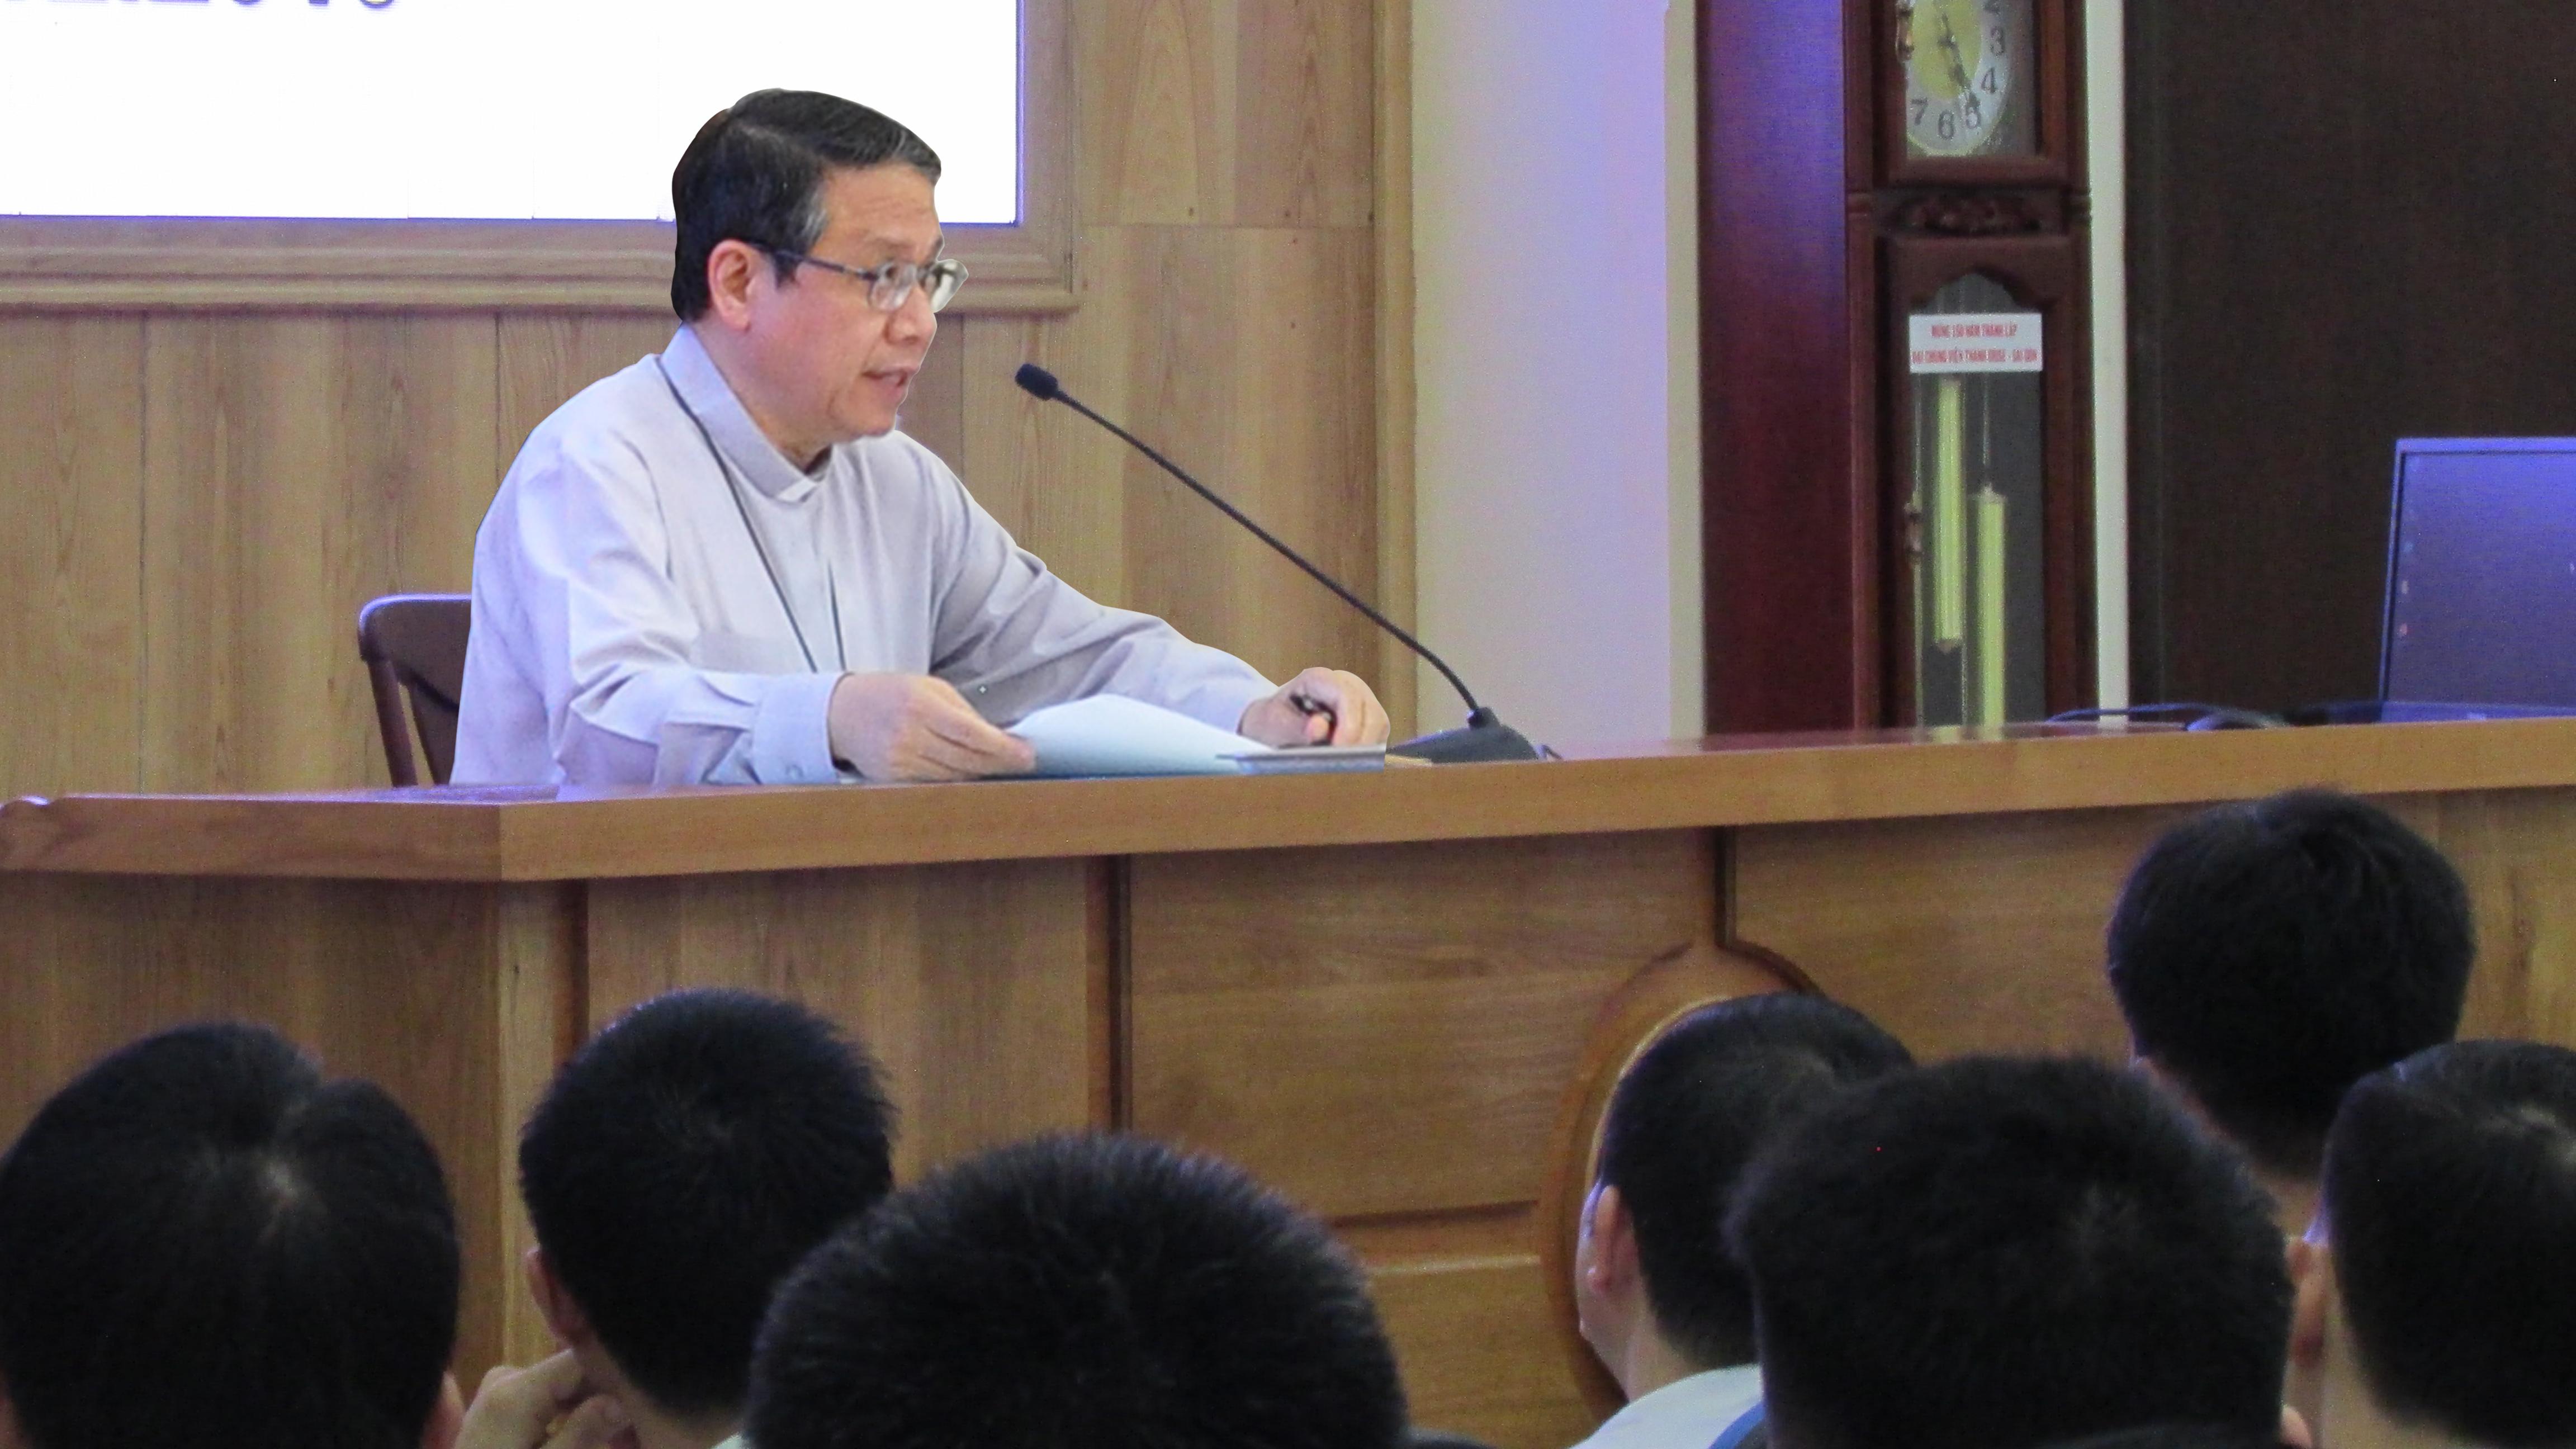 Đại chủng viện Thánh Giuse Sài Gòn: Đức Giám mục Giuse Đỗ Mạnh Hùng - Giám mục Giáo phận Phan Thiết - viếng thăm và huấn đức